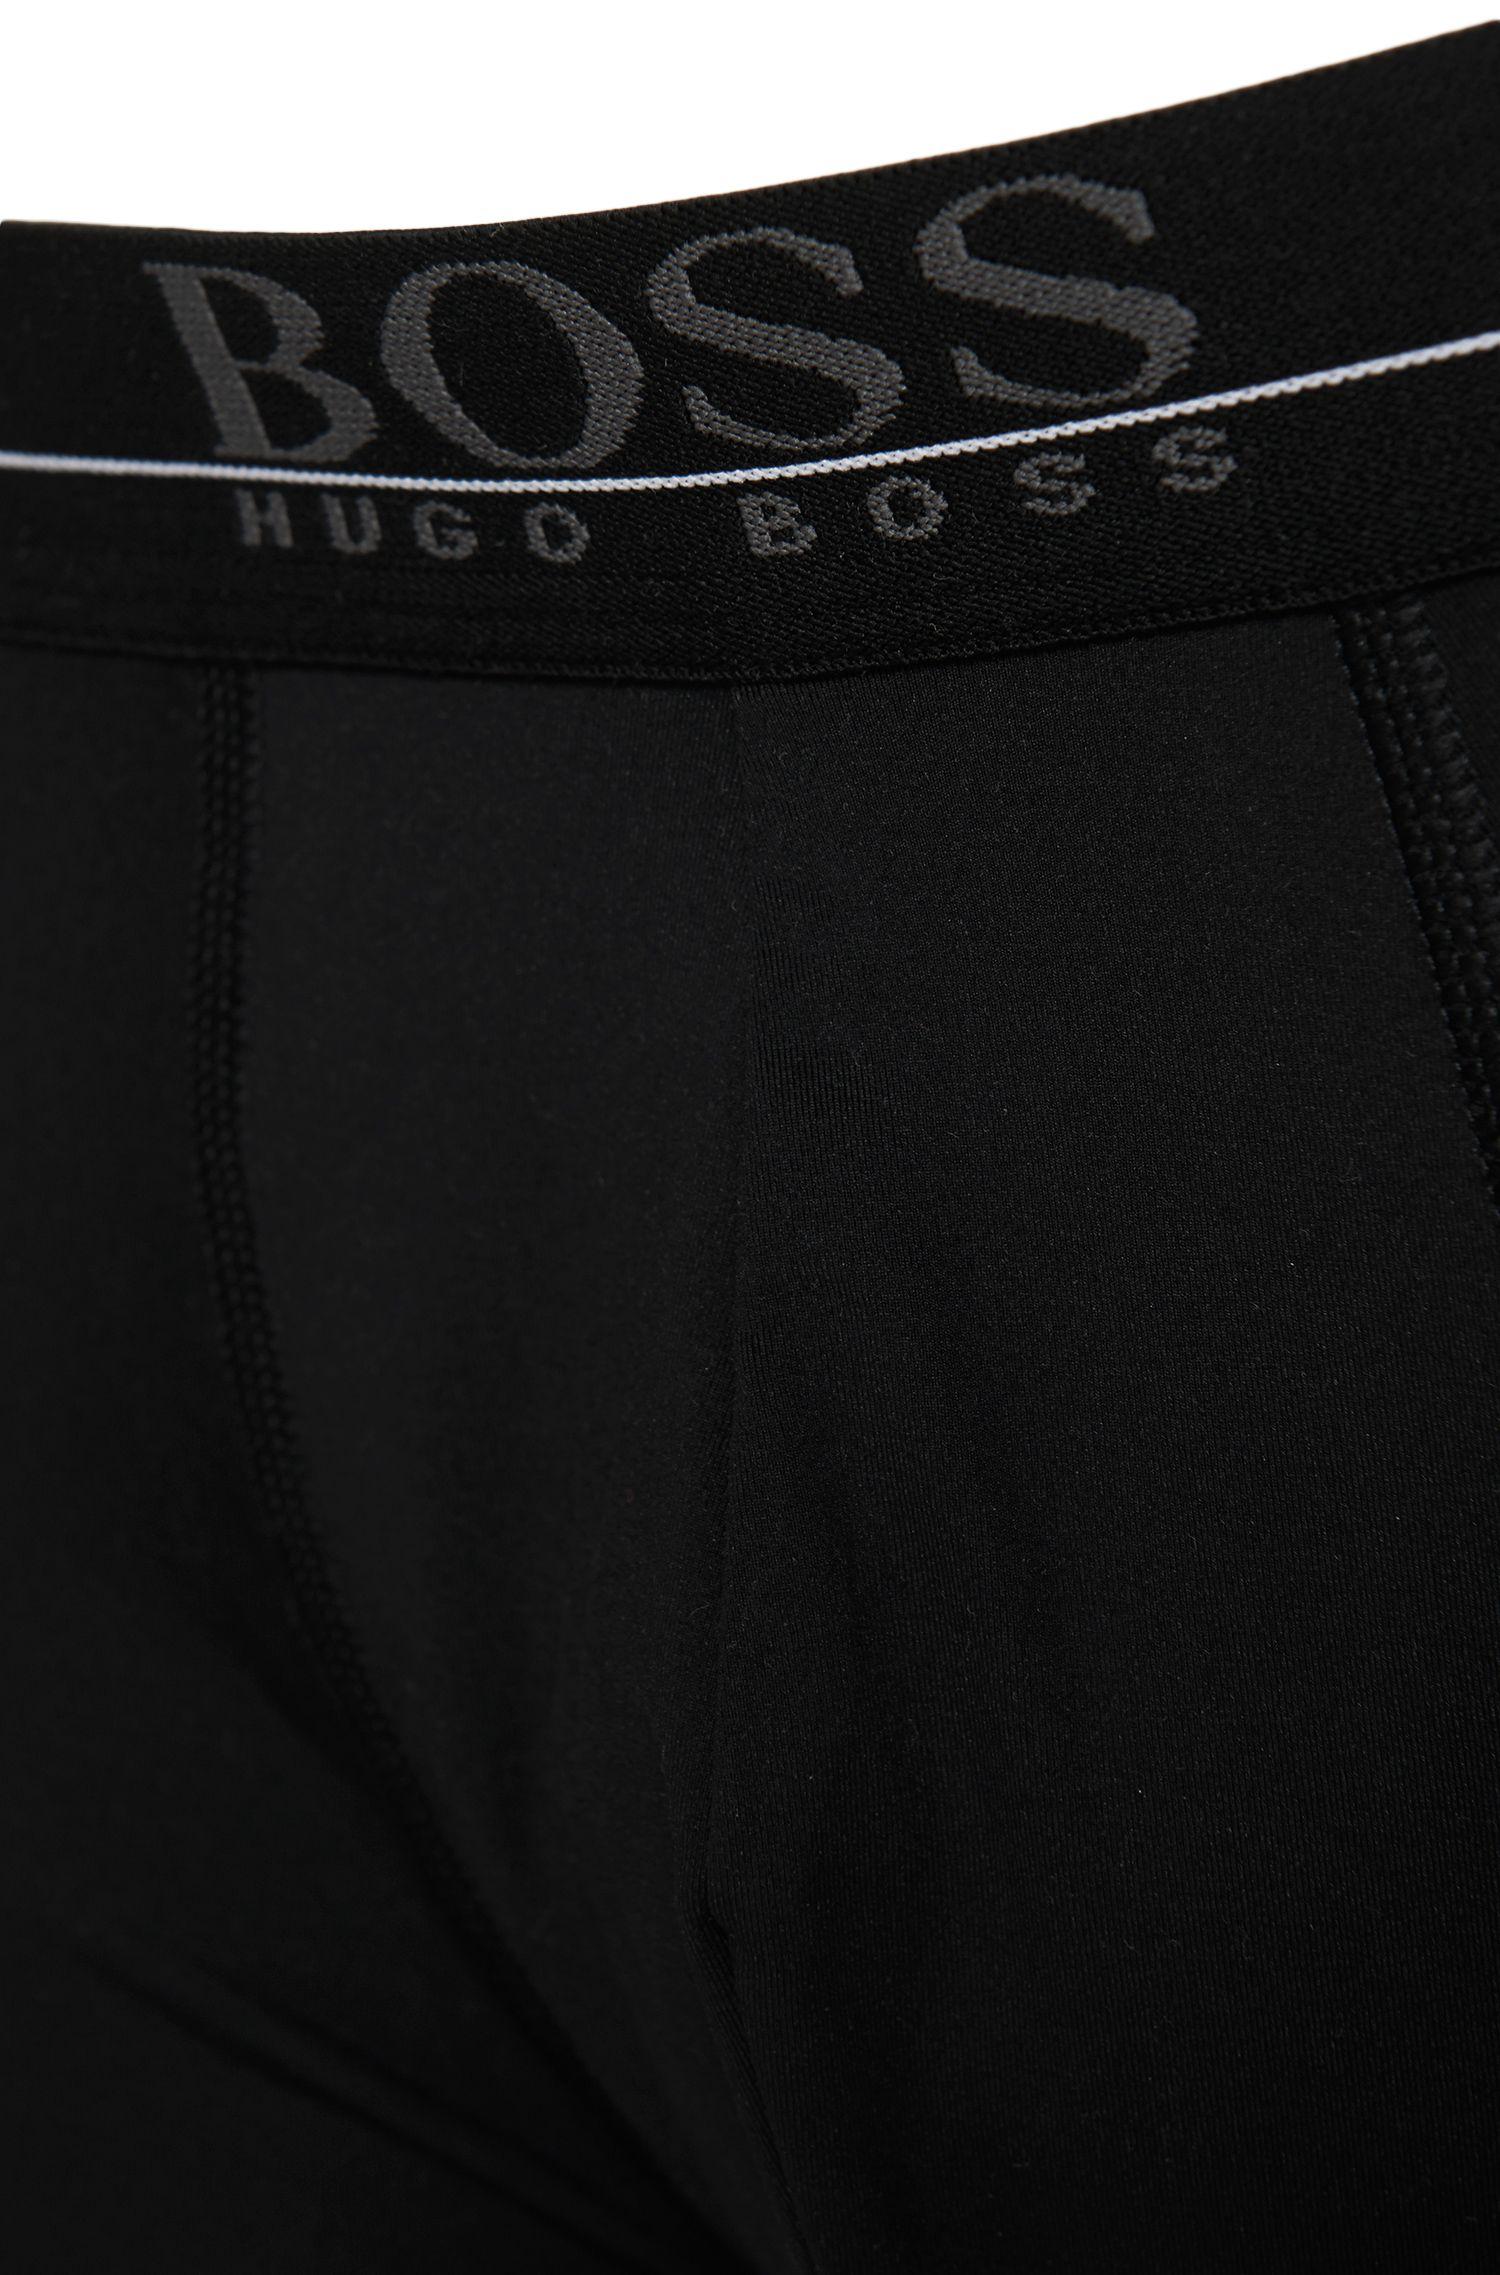 Regular-rise boxer briefs in stretch fabric , Black